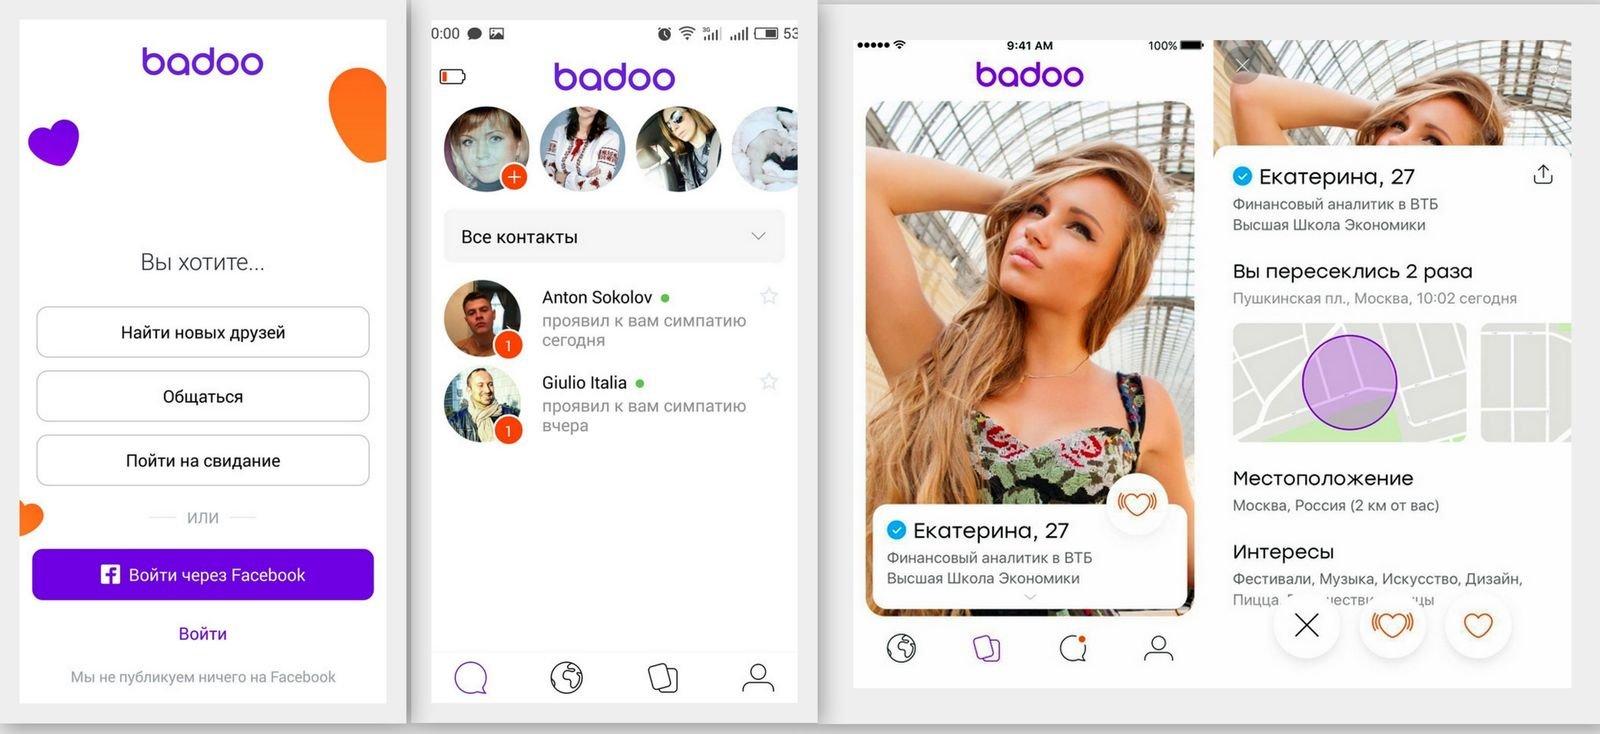 Приложение для знакомств Badoo